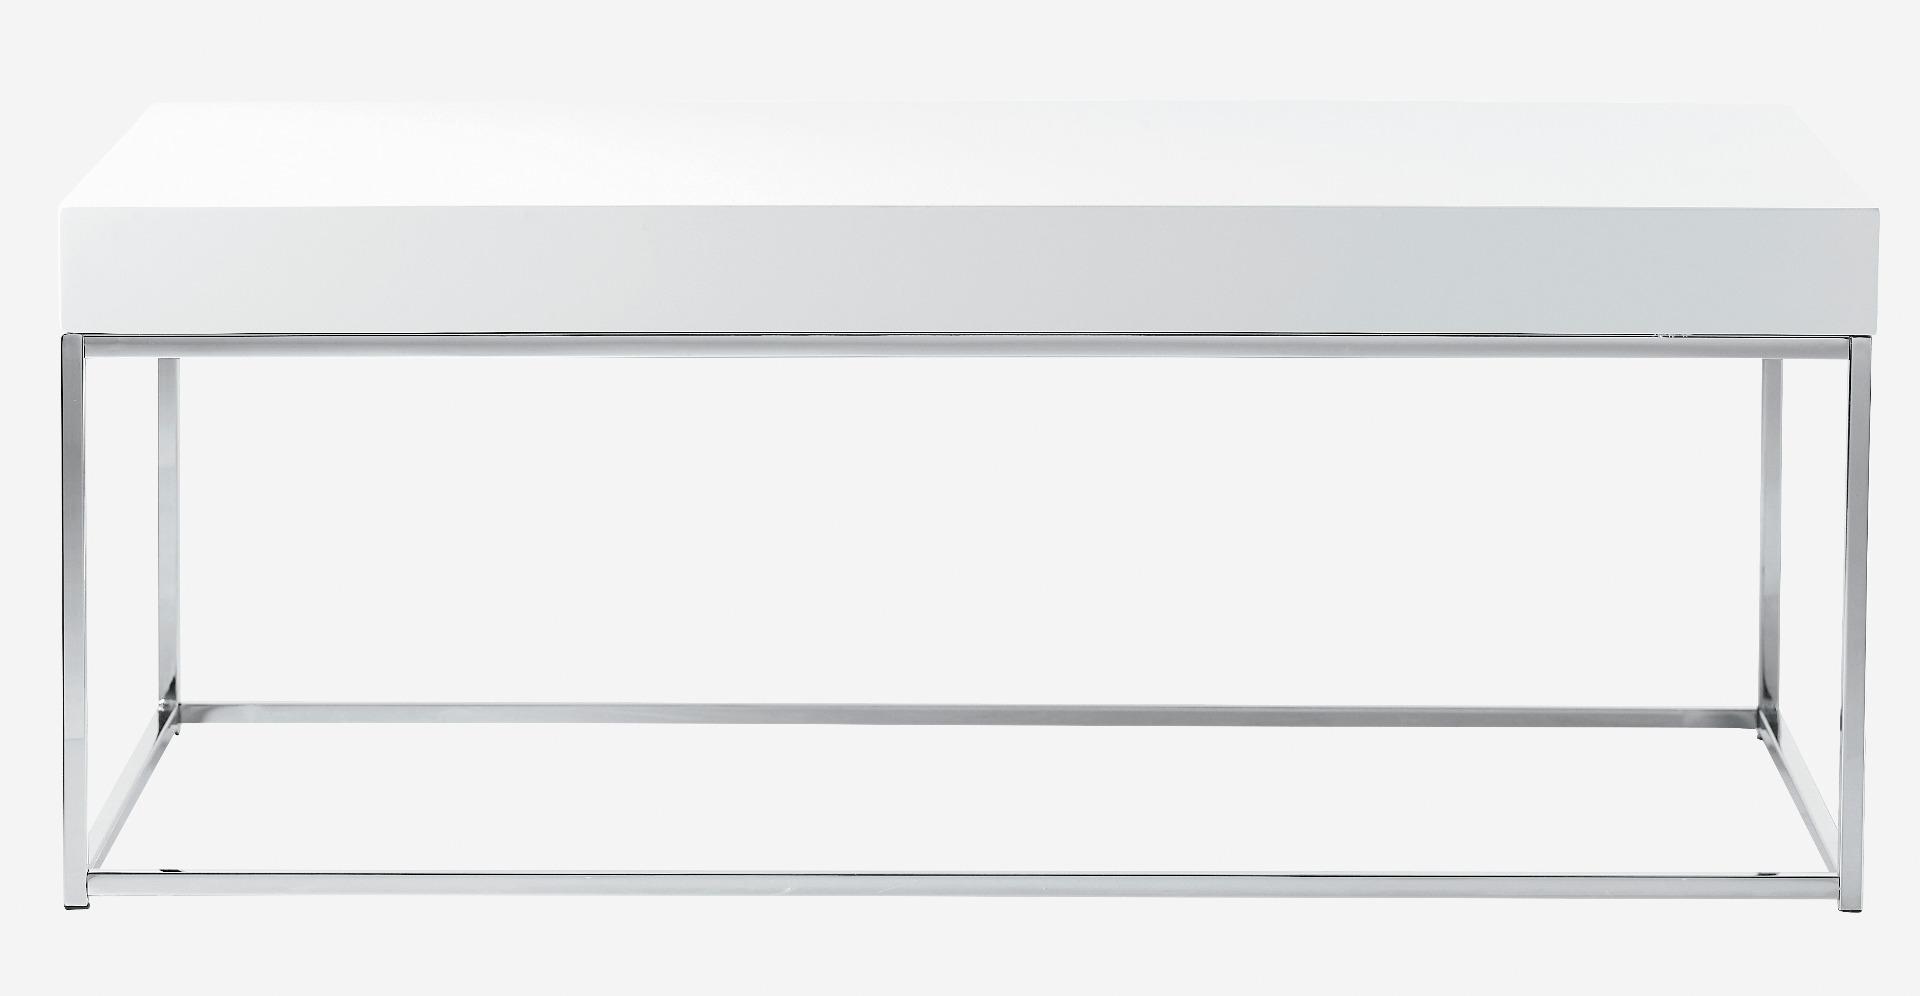 Mesa de centro block lacado blanco color cromo